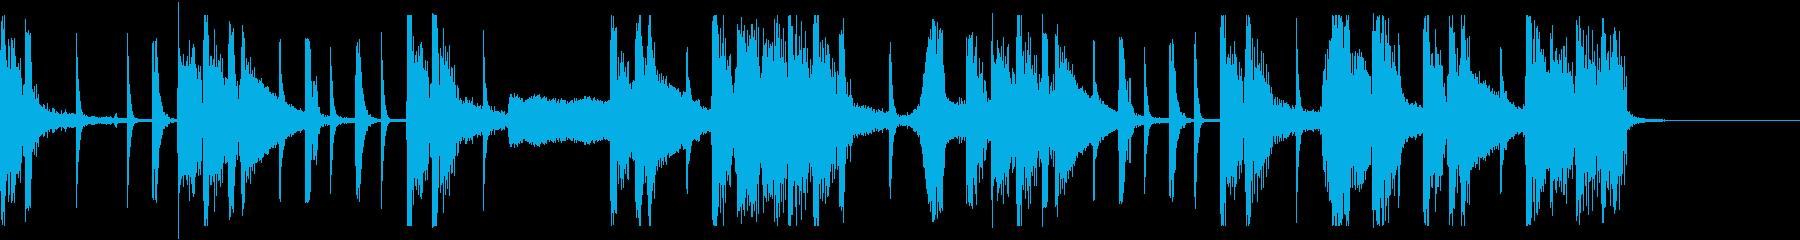 大人なエレクトロポップの再生済みの波形